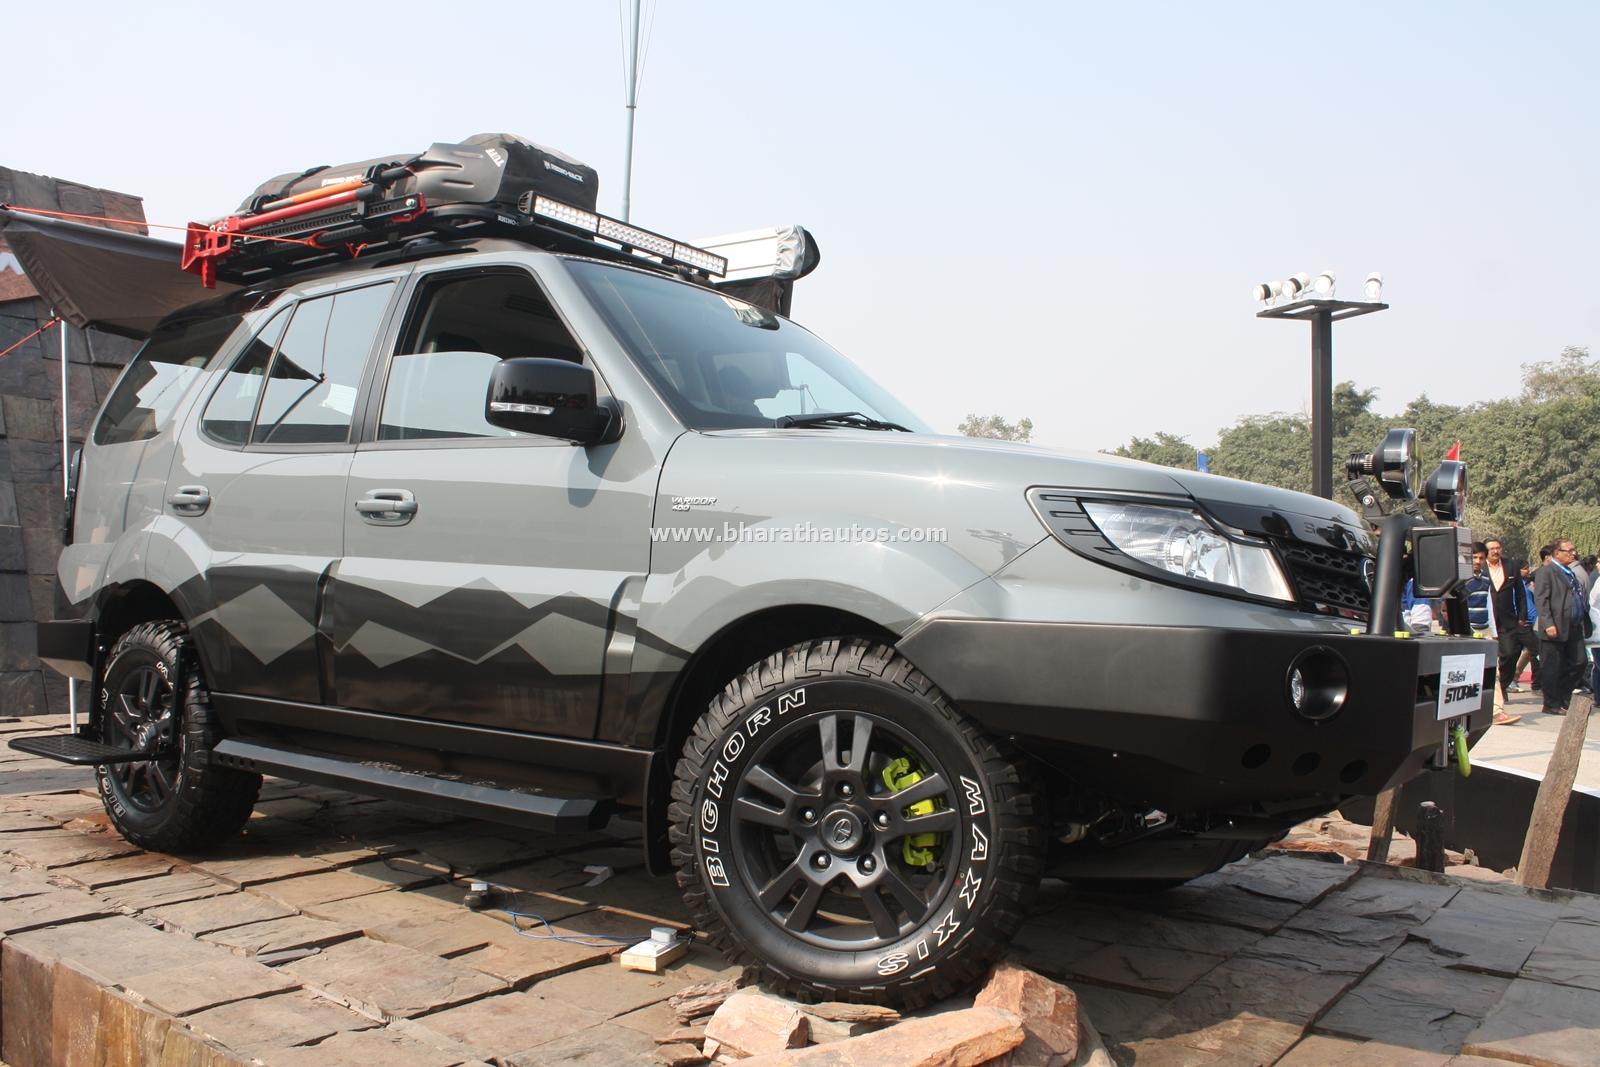 Tata Safari Storme Tuff Concept Pictures Photos Images